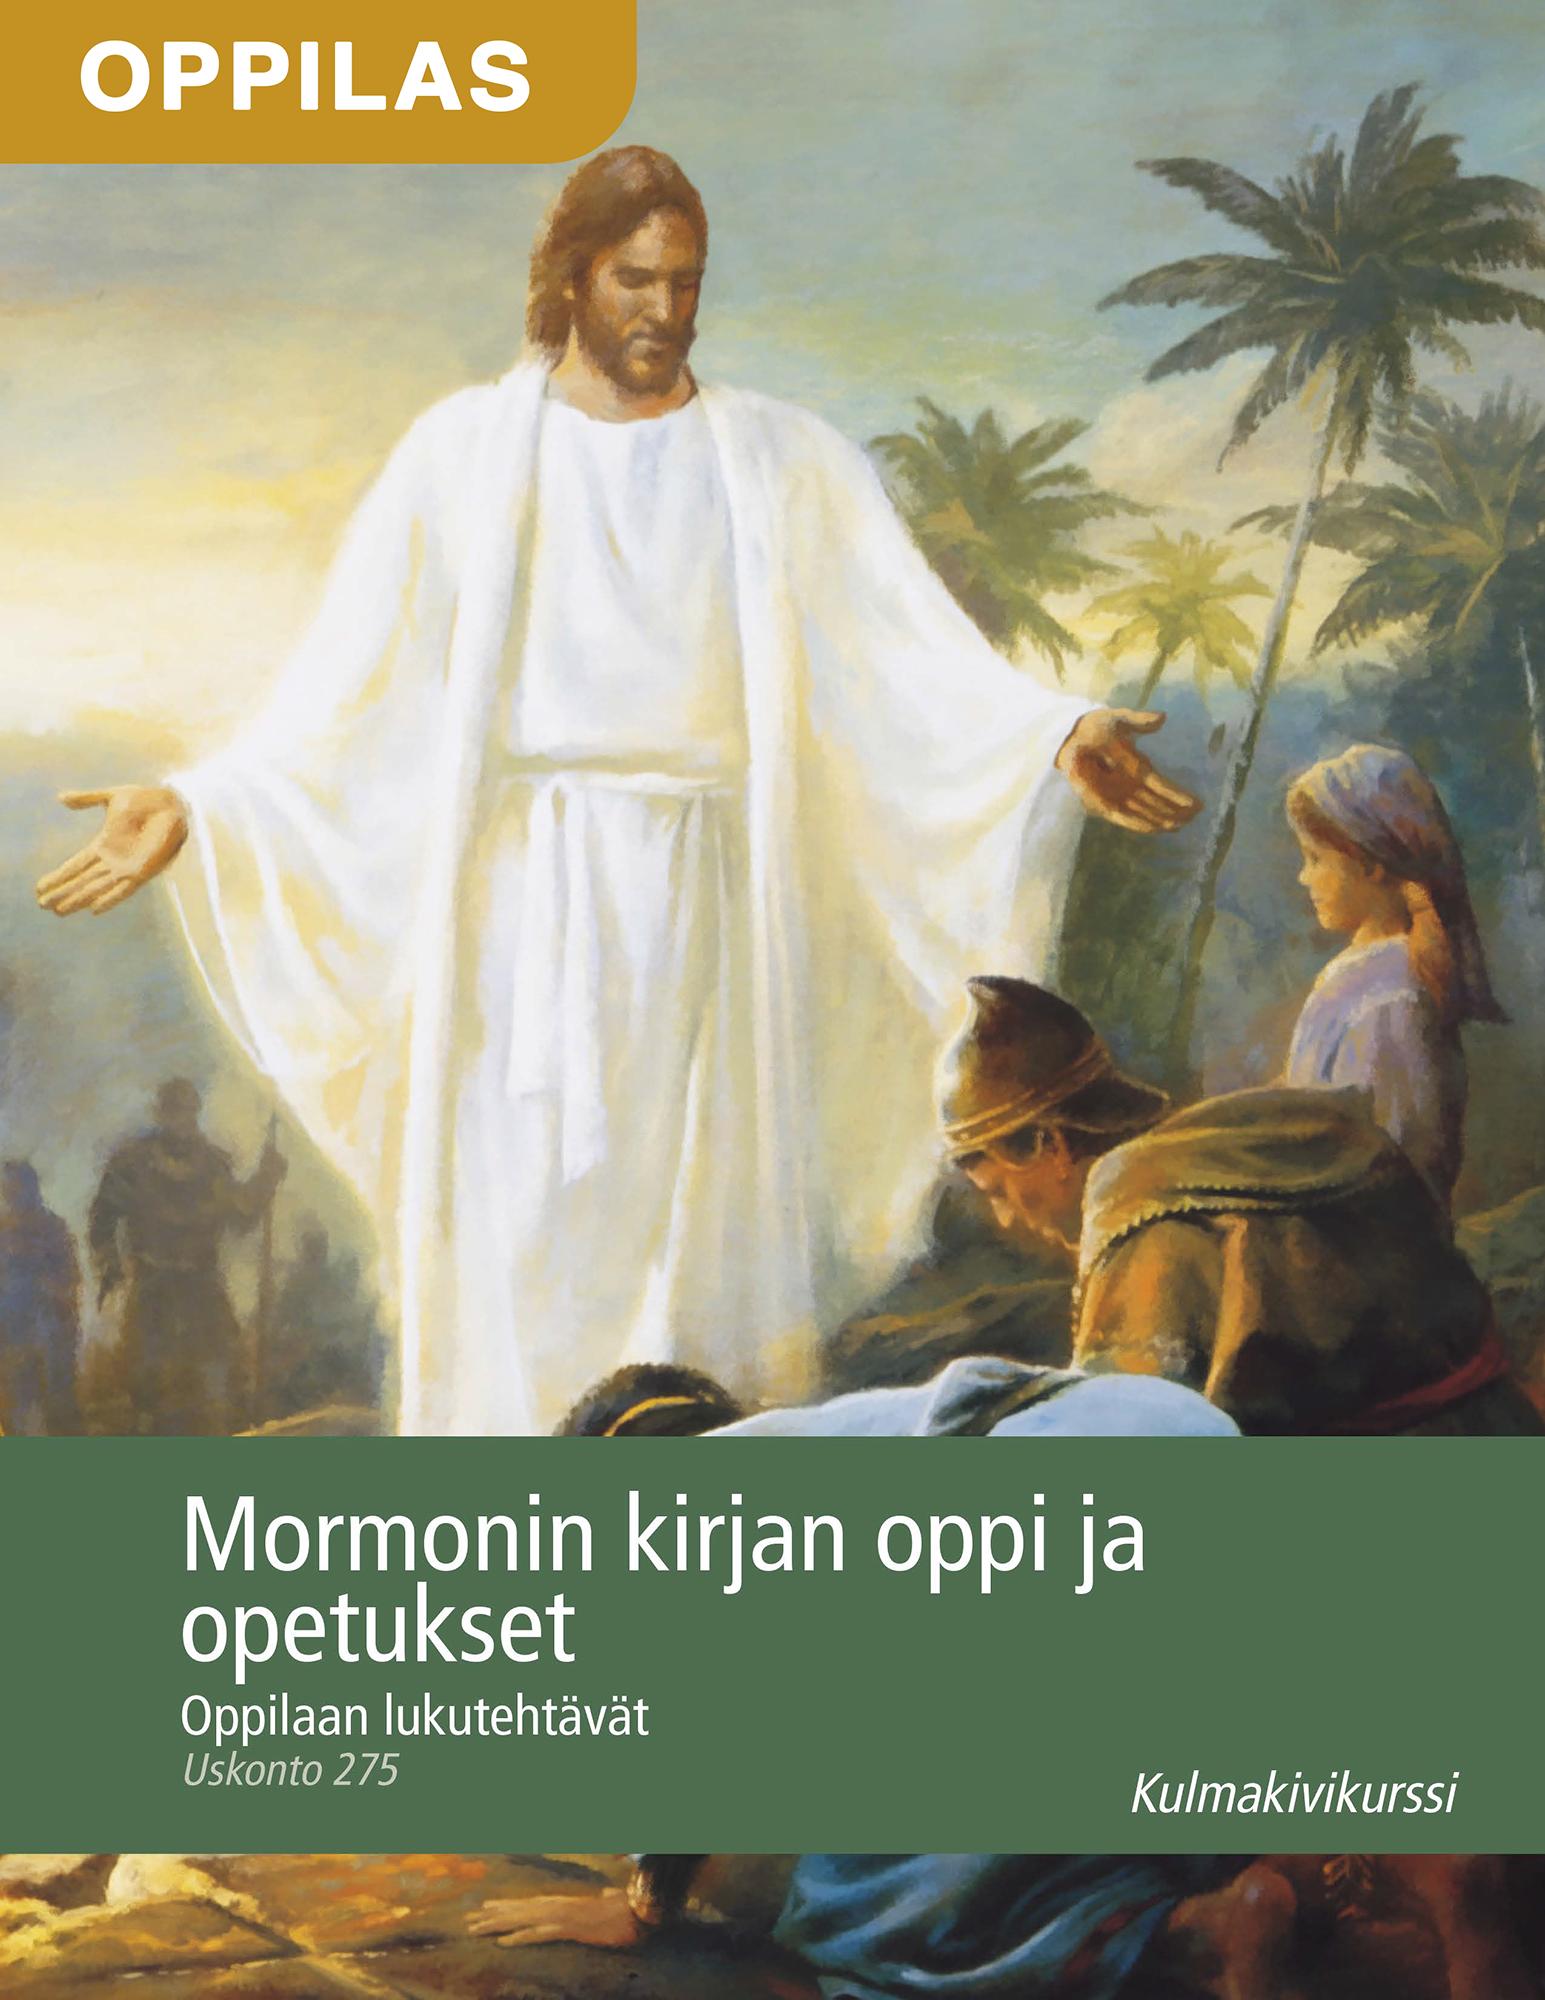 Mormonin kirjan oppi ja opetukset, oppilaan lukutehtävät (Uskonto 275)